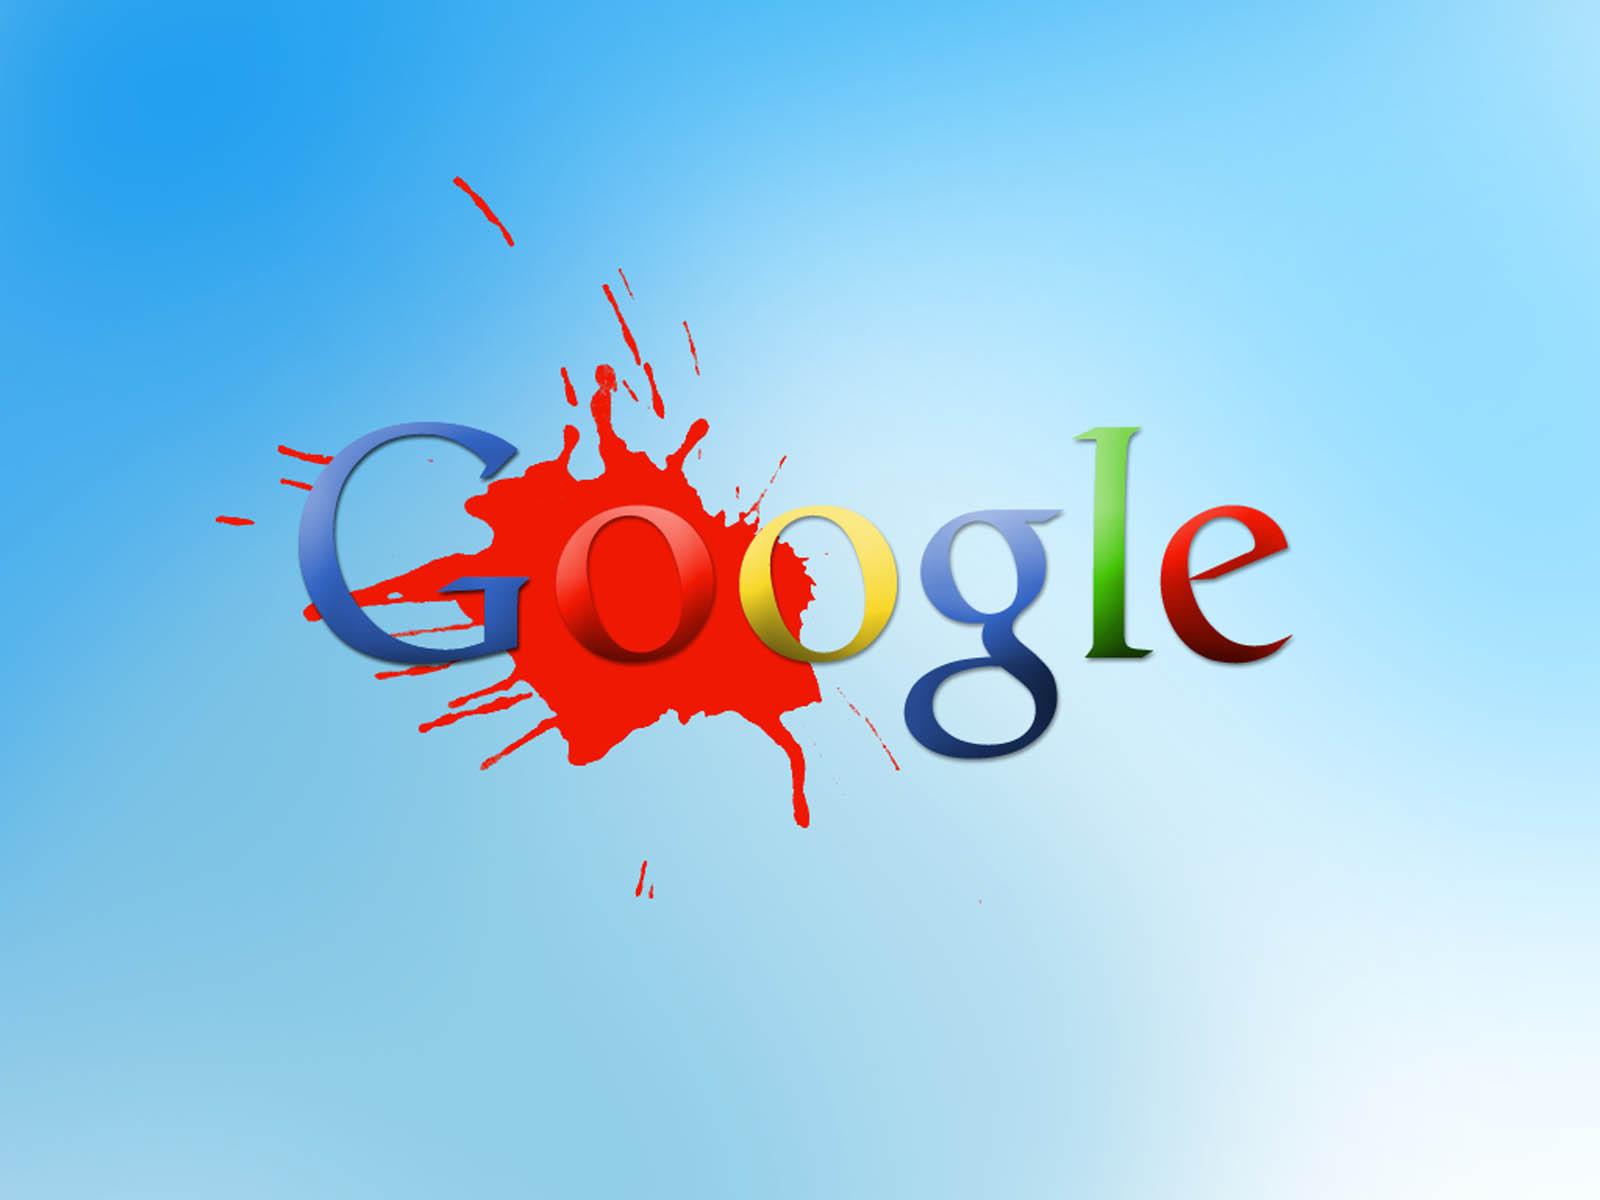 Гугл открытка для арутяна